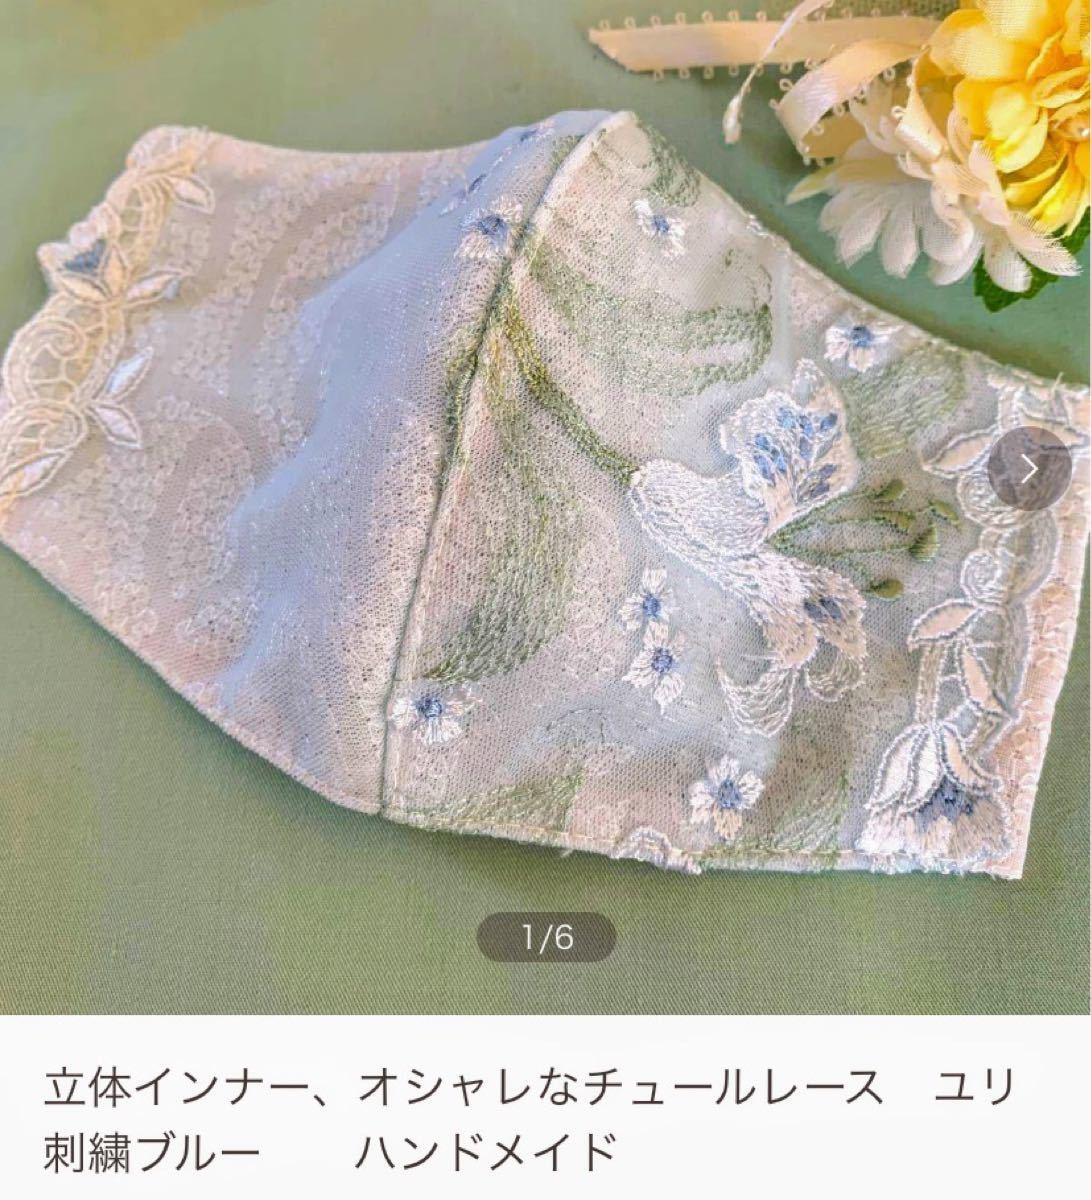 あきなのママ様★レース立体インナー、オシャレなチュールレース 豪華なゆり刺繍